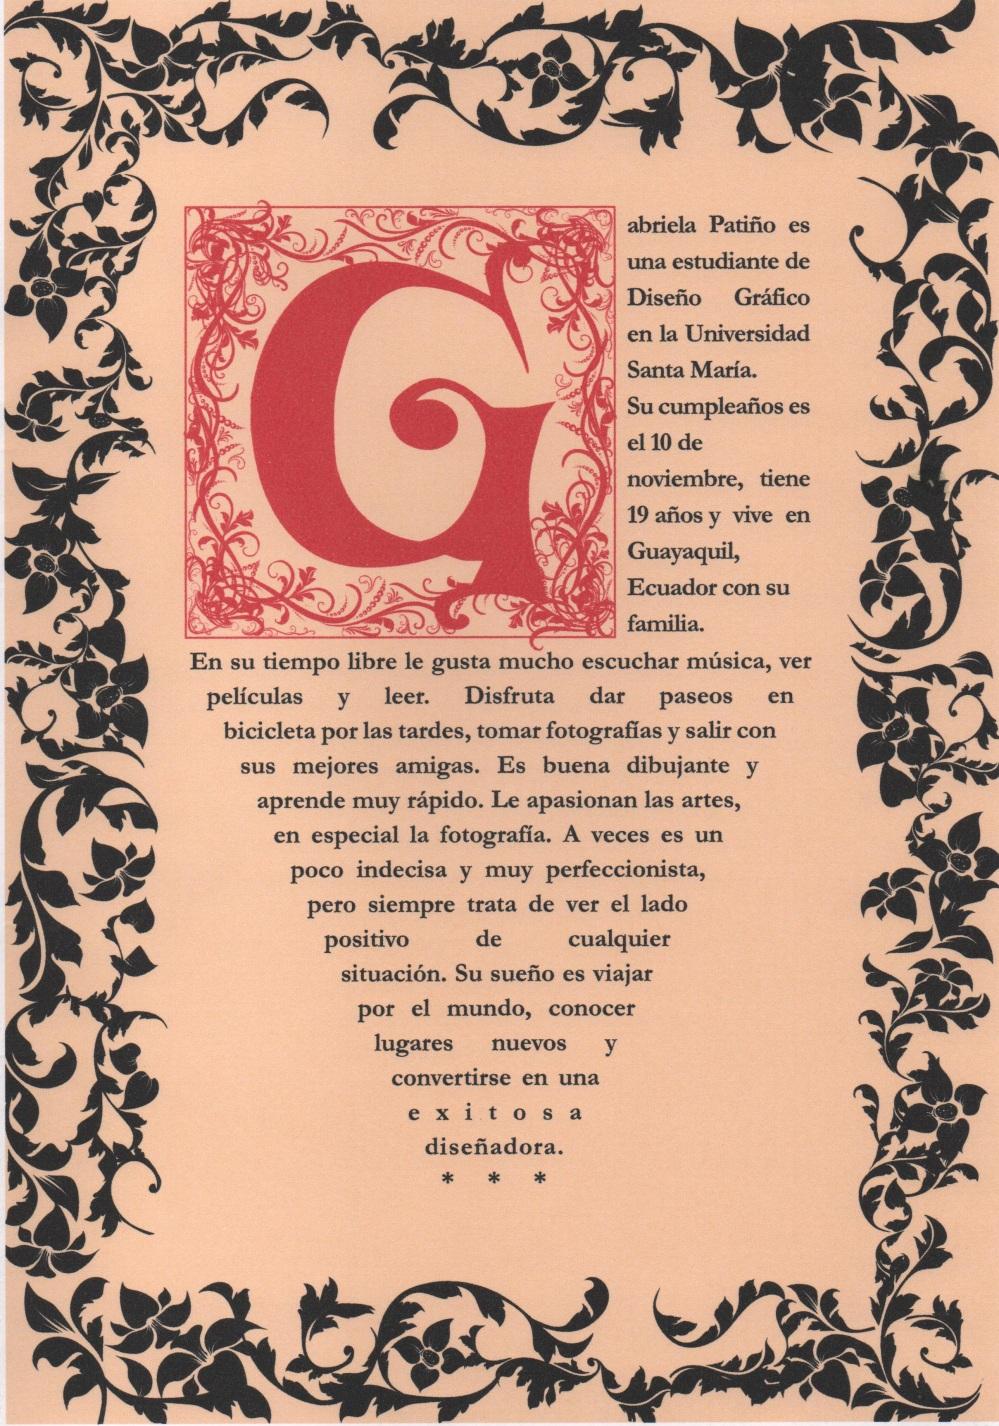 gabriela-patino-3